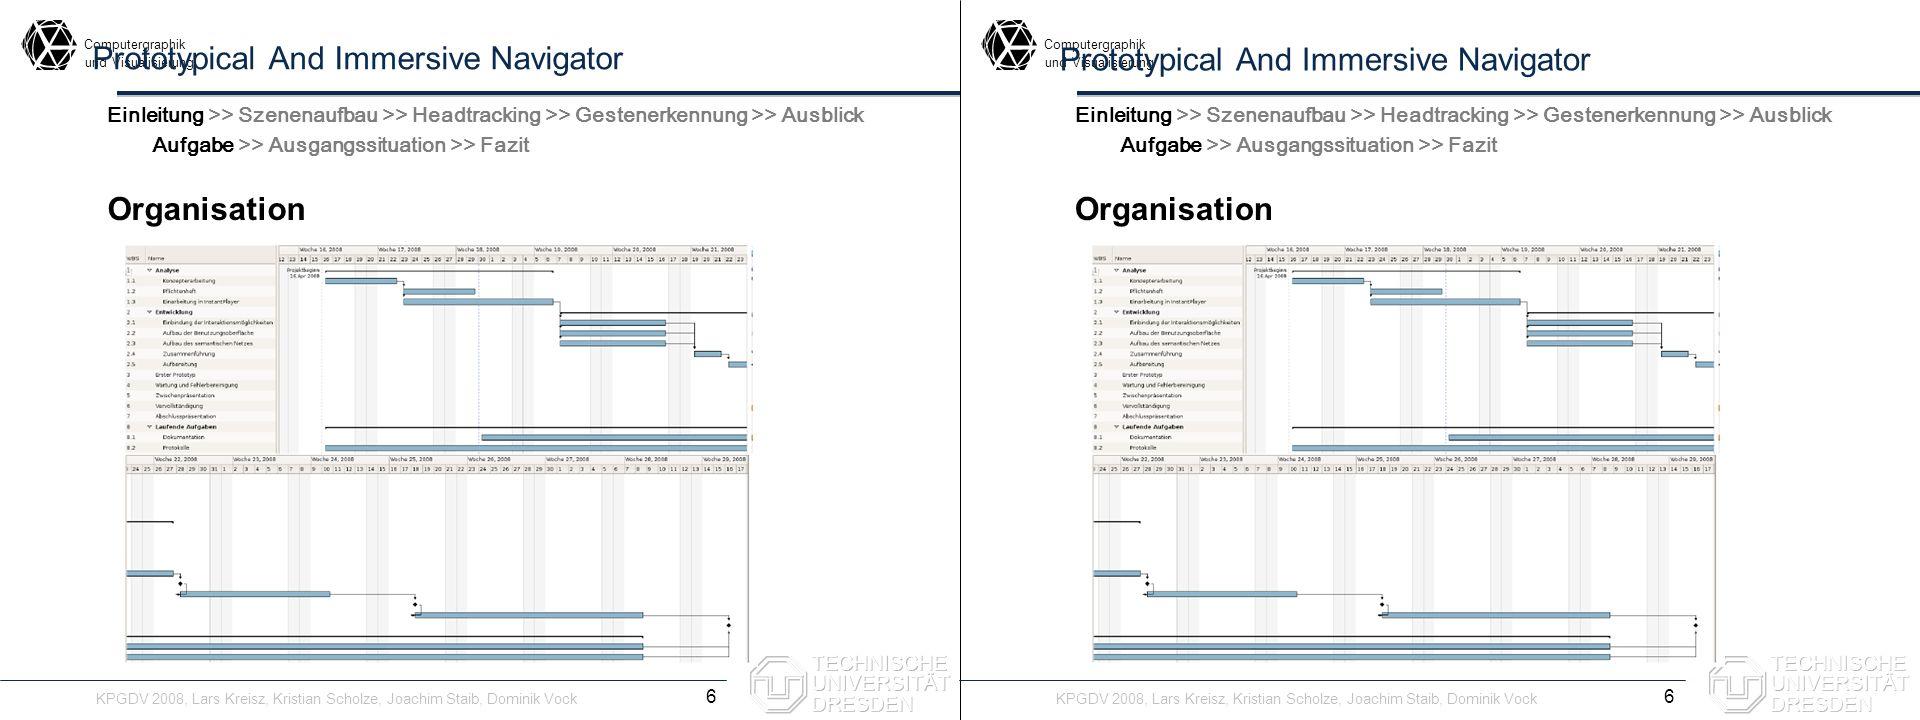 Computergraphik undVisualisierung Computergraphik undVisualisierung Prototypical And Immersive Navigator Szenenaufbau - Möglichkeiten 17 Einleitung >> Szenenaufbau >> Headtracking >> Gestenerkennung >> Ausblick Szenenaufbau - Möglichkeiten Einleitung >> Szenenaufbau >> Headtracking >> Gestenerkennung >> Ausblick Anforderungen >> Möglichkeiten >> Verwendung Lineare Auflistung Ordnungsrelation nötig ungeeignet Baumstrukturierung Kategorisierung in Hierarchien schon recht gut Netzstrukturierung Anordnung in einem Netz besser KPGDV 2008, Lars Kreisz, Kristian Scholze, Joachim Staib, Dominik Vock Lineare Auflistung Ordnungsrelation nötig ungeeignet Baumstrukturierung Kategorisierung in Hierarchien schon recht gut Netzstrukturierung Anordnung in einem Netz besser